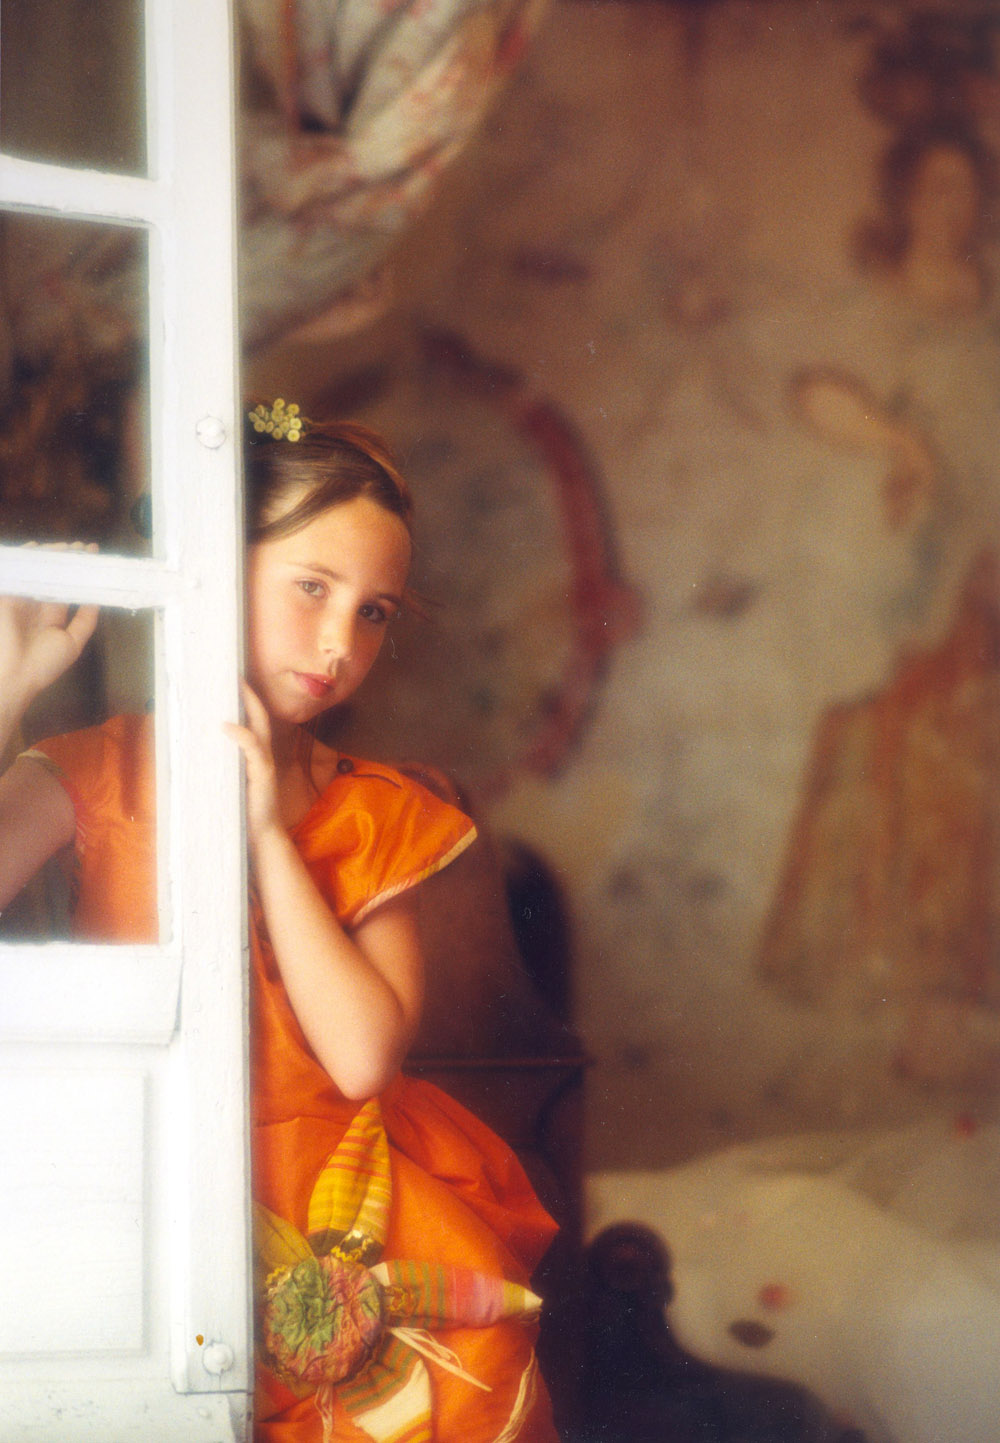 robe-enfant-petite-fille-honneur-aix-en-provence-pinchinats-creatrice-quiqui-lamothe-photographe-mar